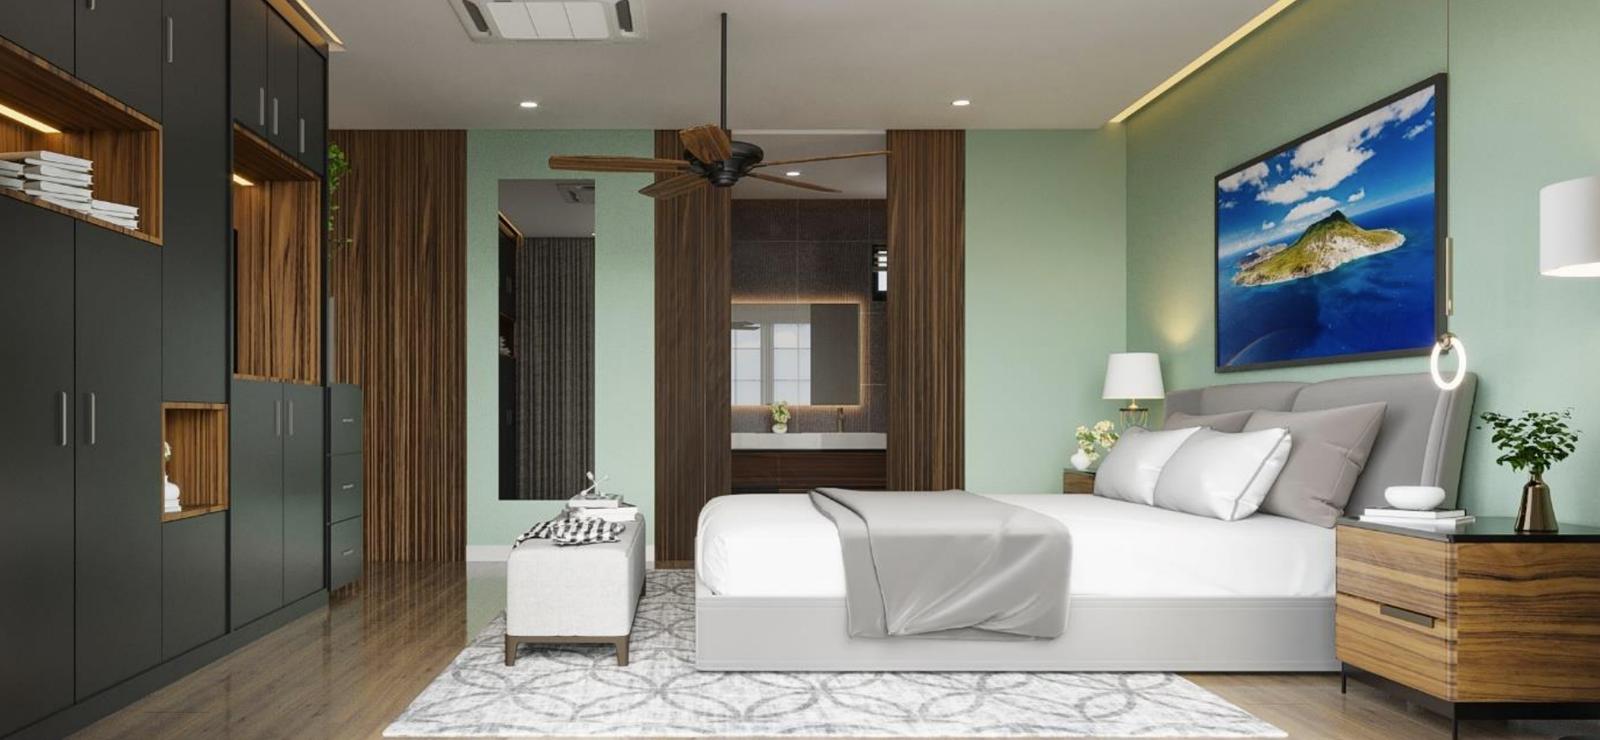 Slaapkamer Golden Rock Resort